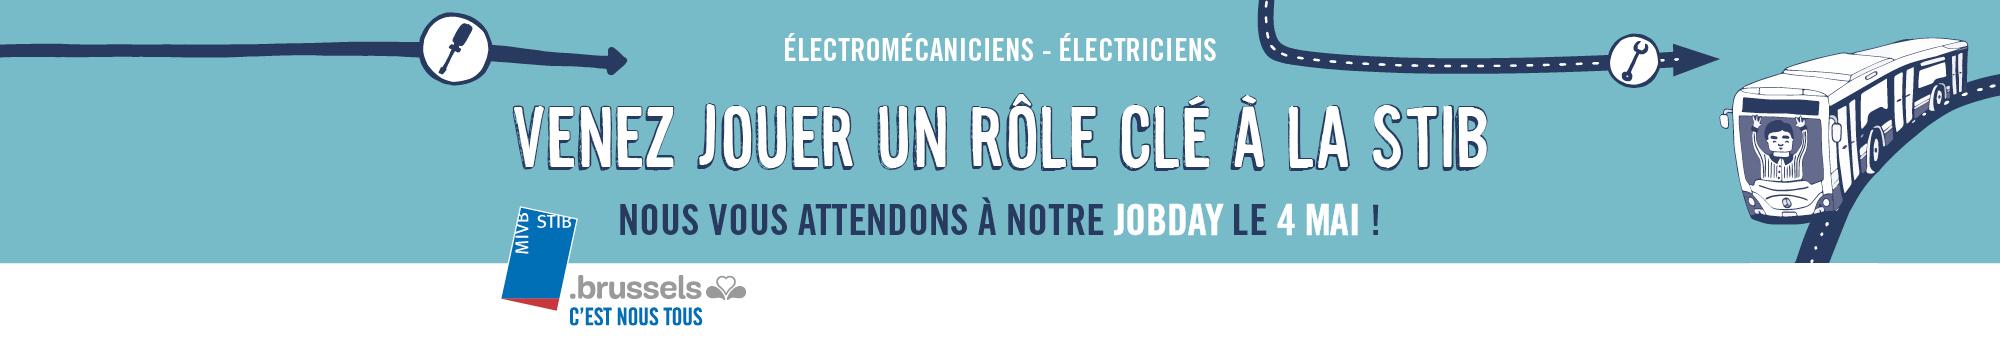 jobday stib emploi électromécanicien